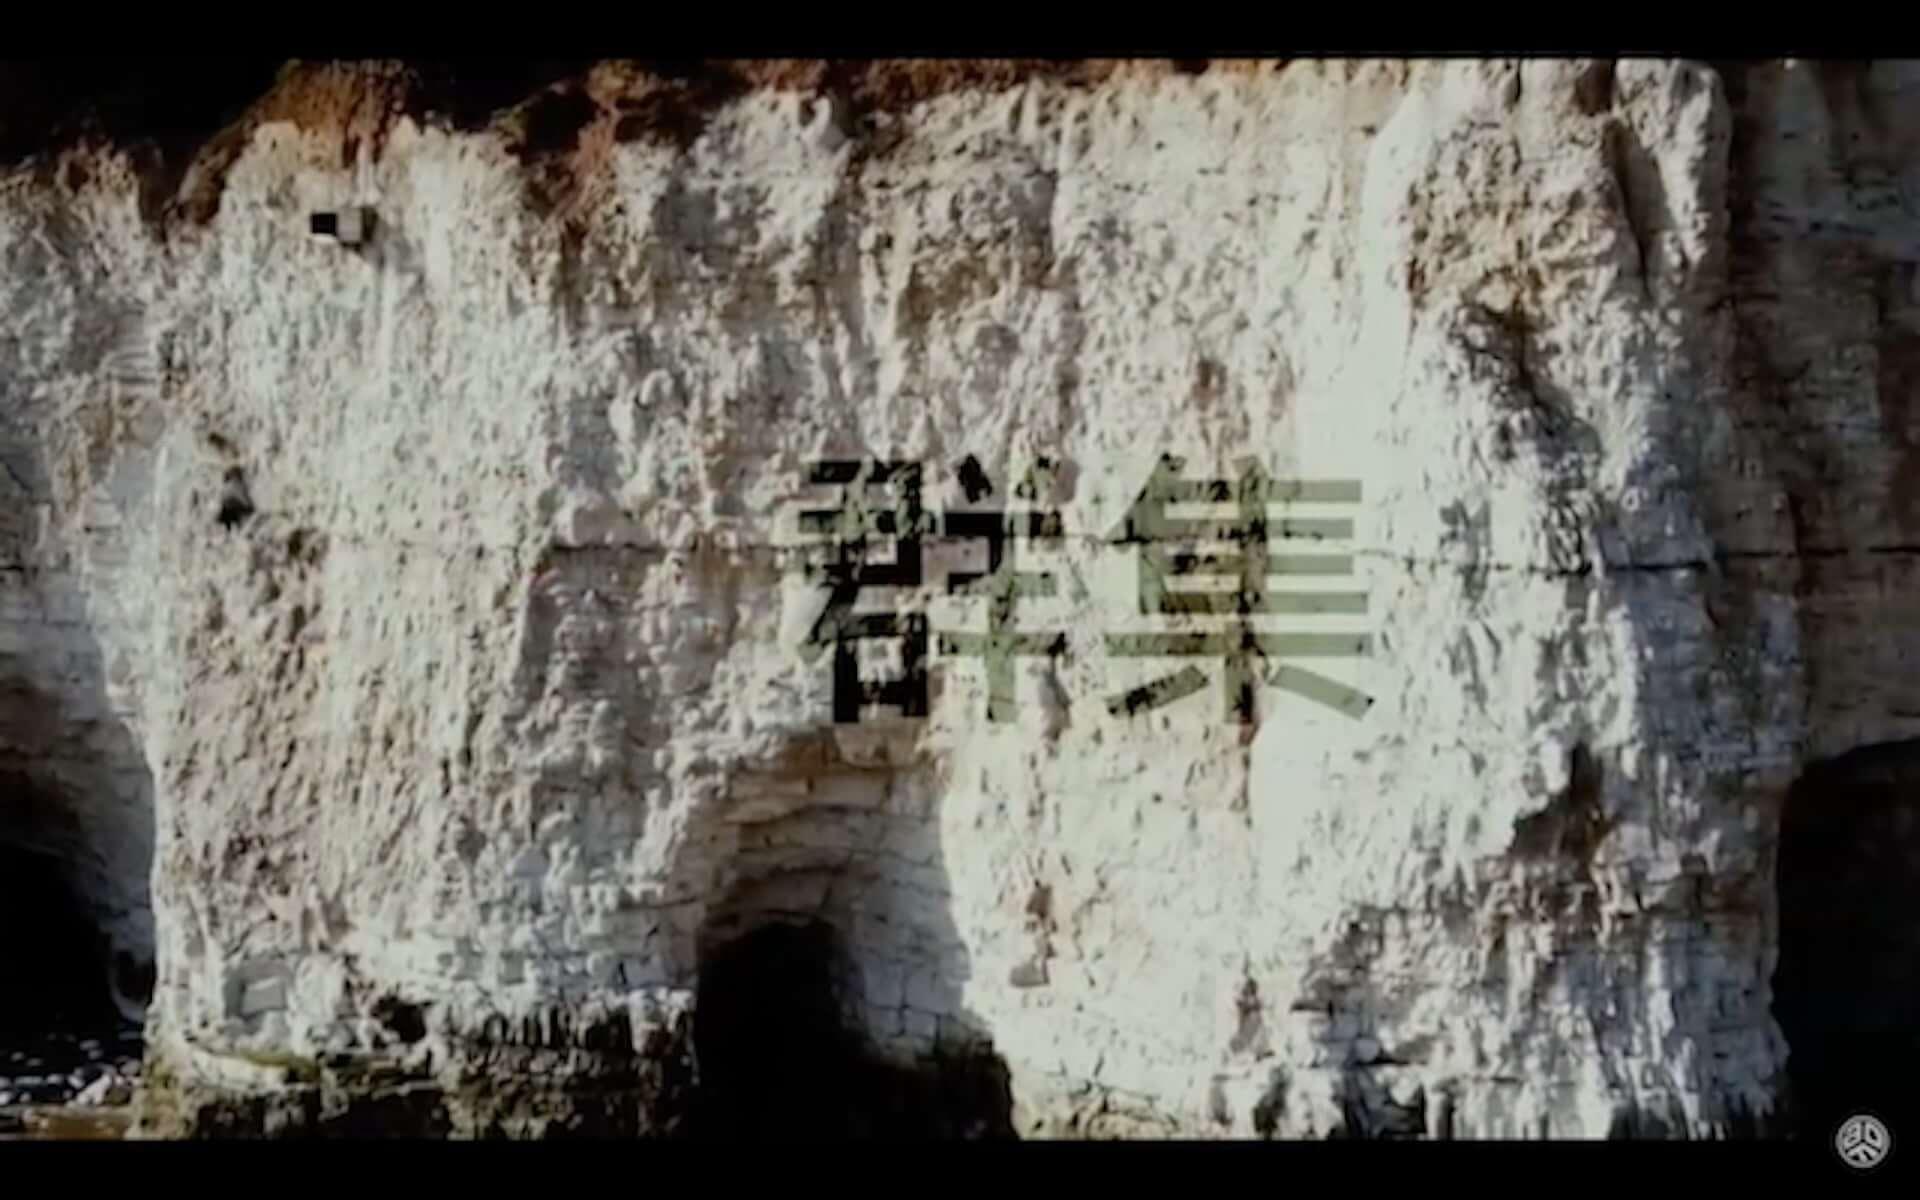 """Asian Dub Foundationが先週リリースしたばかりの最新作『Access Denied』より""""Swarm""""のMVを公開! music200605_asiandubfoundation_03-1920x1200"""